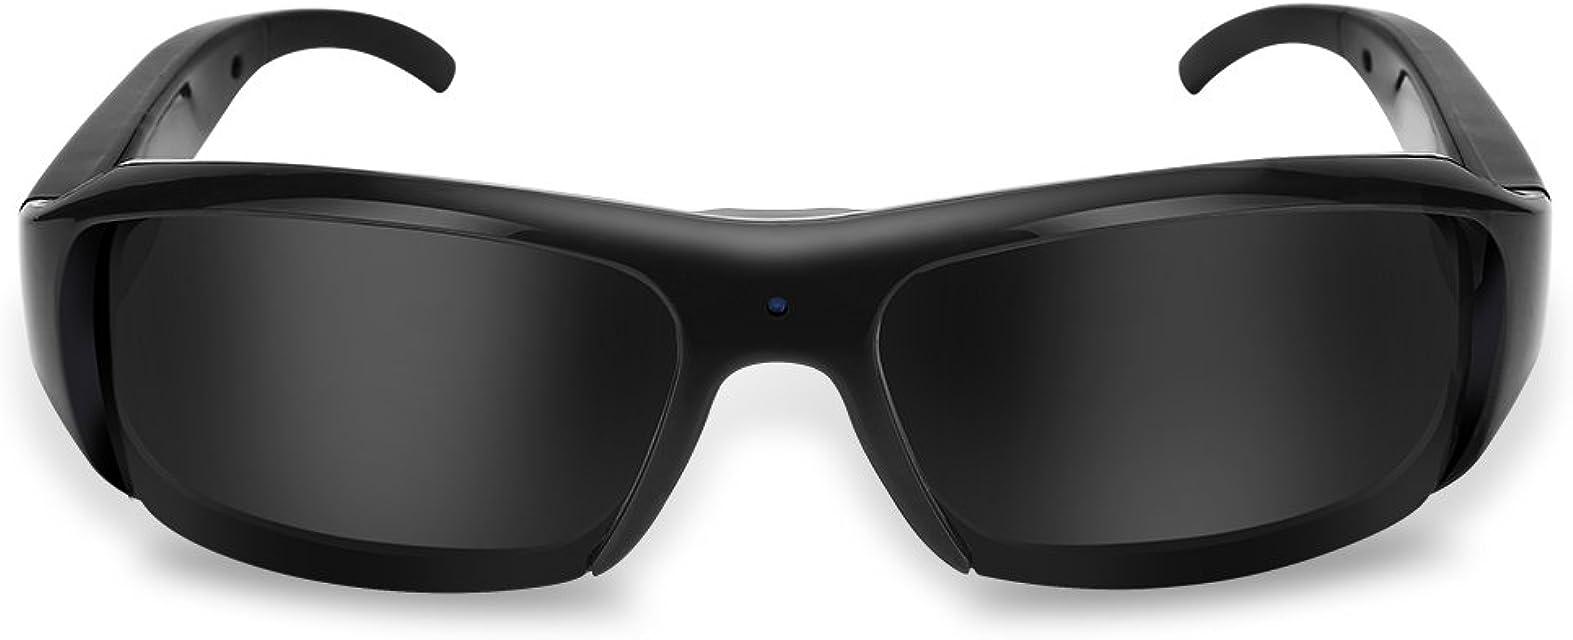 Gafas de Cámara Digital HD de 5 Megapíxeles Gafas de Sol con Cámara HD 1080P con Cabezal Recargable Lentes Polarizados Cámara Grande de Gran Angular para Deportes al Aire Libre